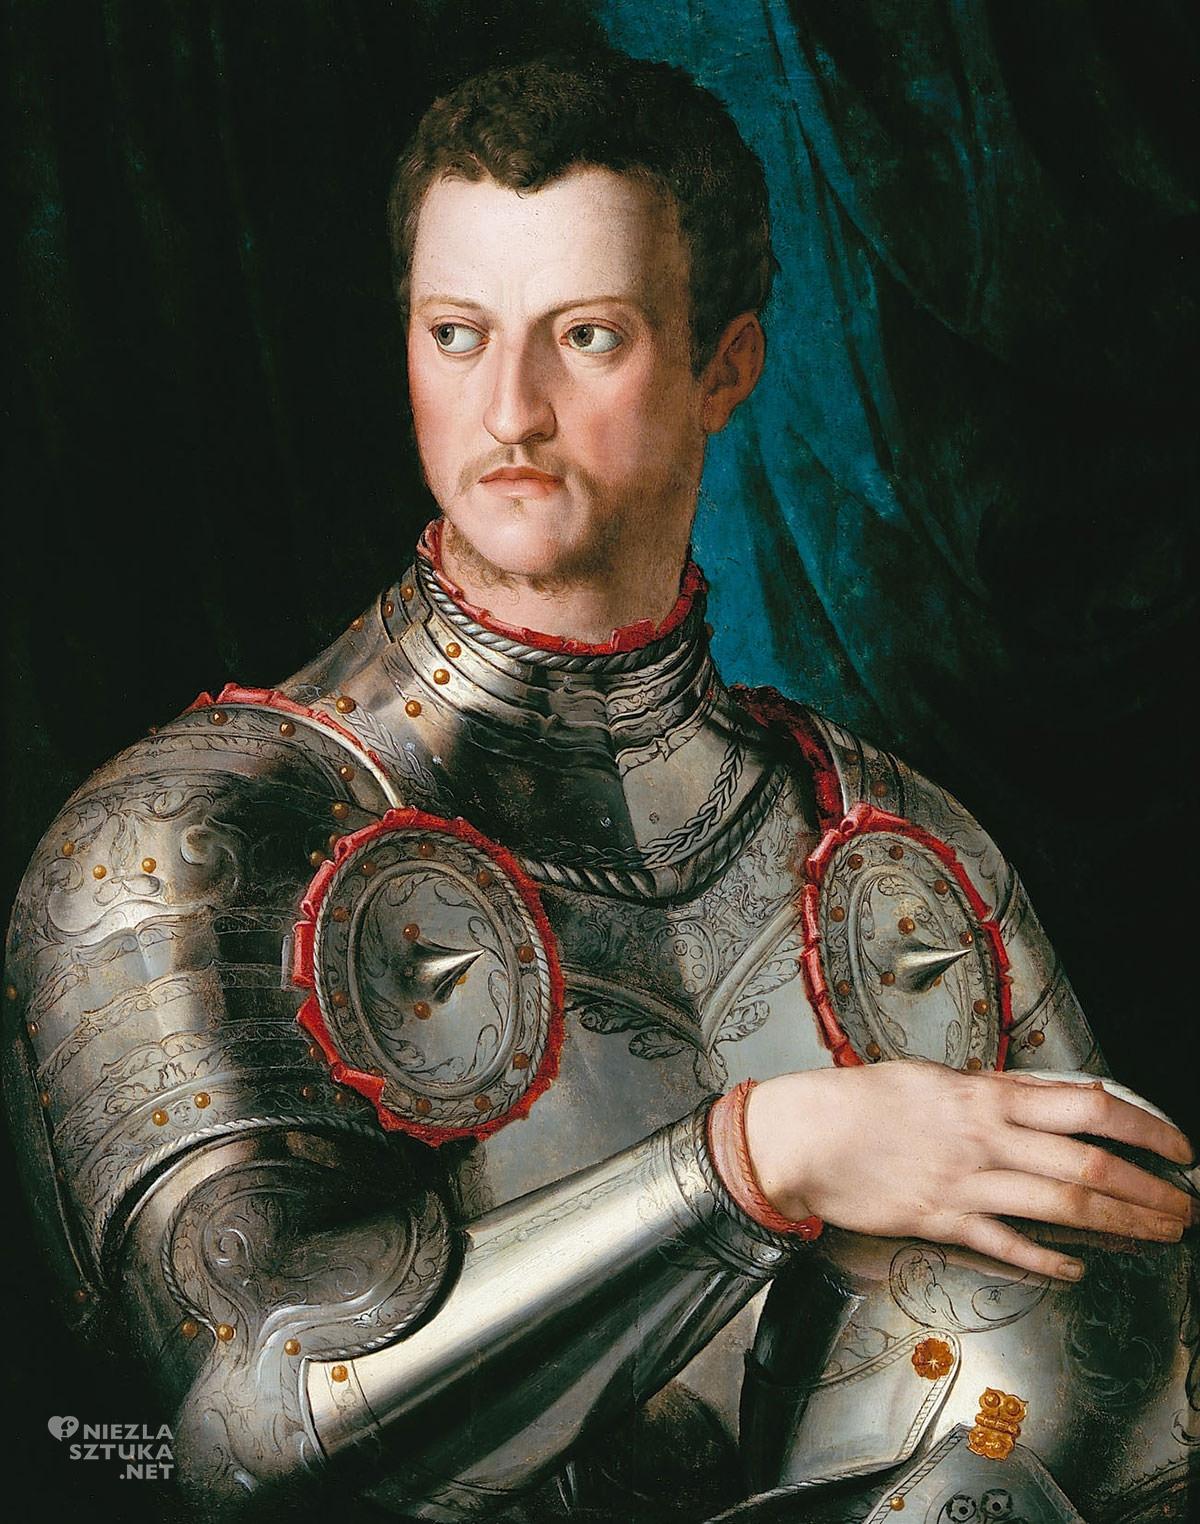 Agnolo Bronzino, Kosma I Medyceusz, Muzeum Narodowe w Poznaniu, Niezła sztuka